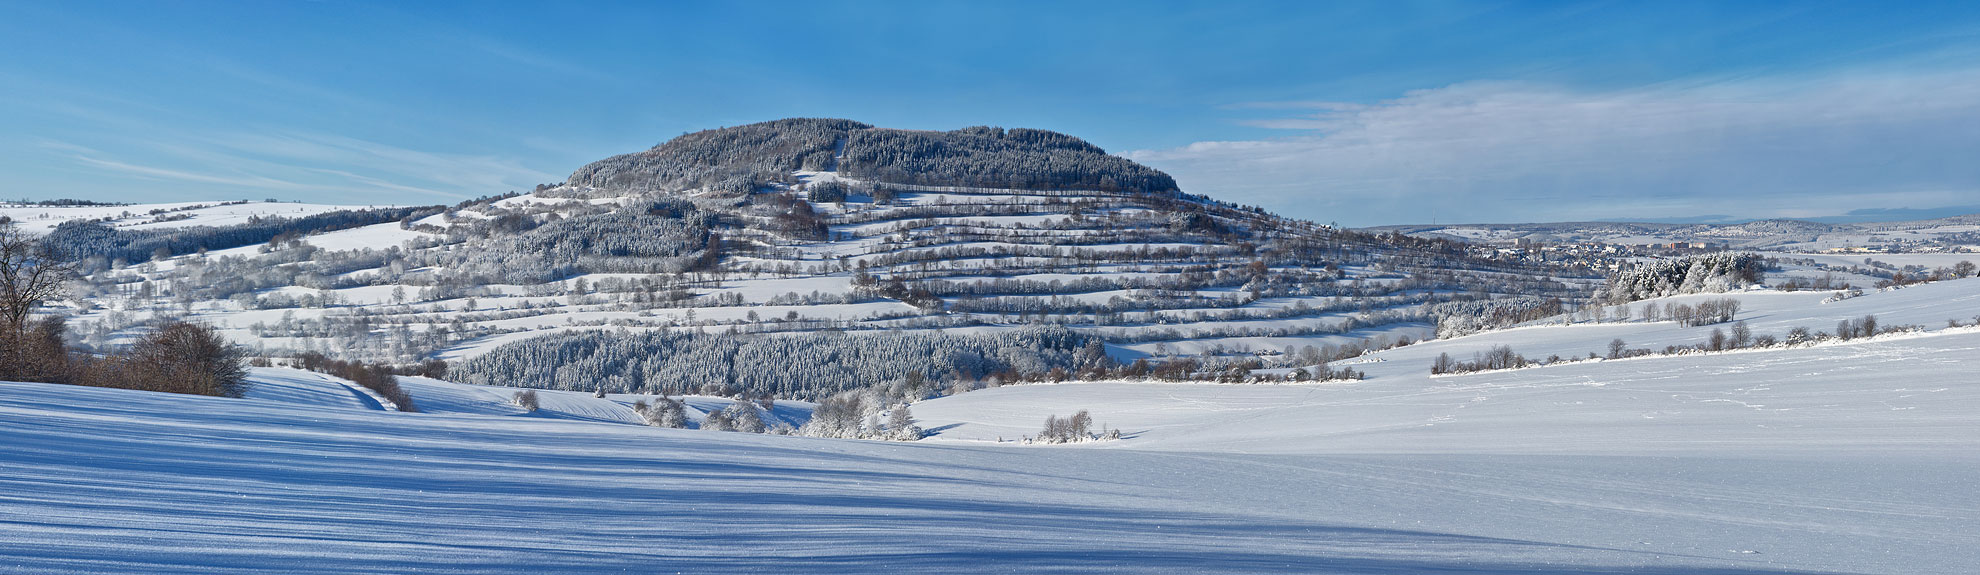 Winterlandschaft am Pöhlberg, von Mildenauer Flur aus gesehen.